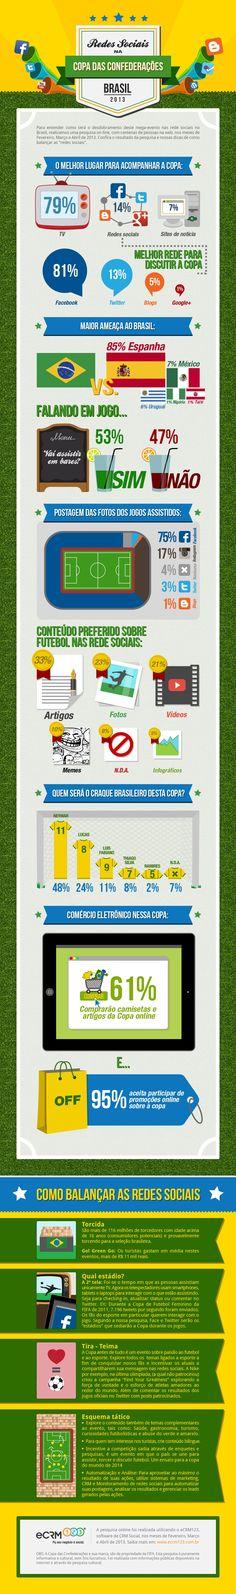 Infográfico - Confira como será a Copa das Confederações nas redes sociais no Brasil! 81% dos internautas irão discutir Copa das Confederações no Facebook